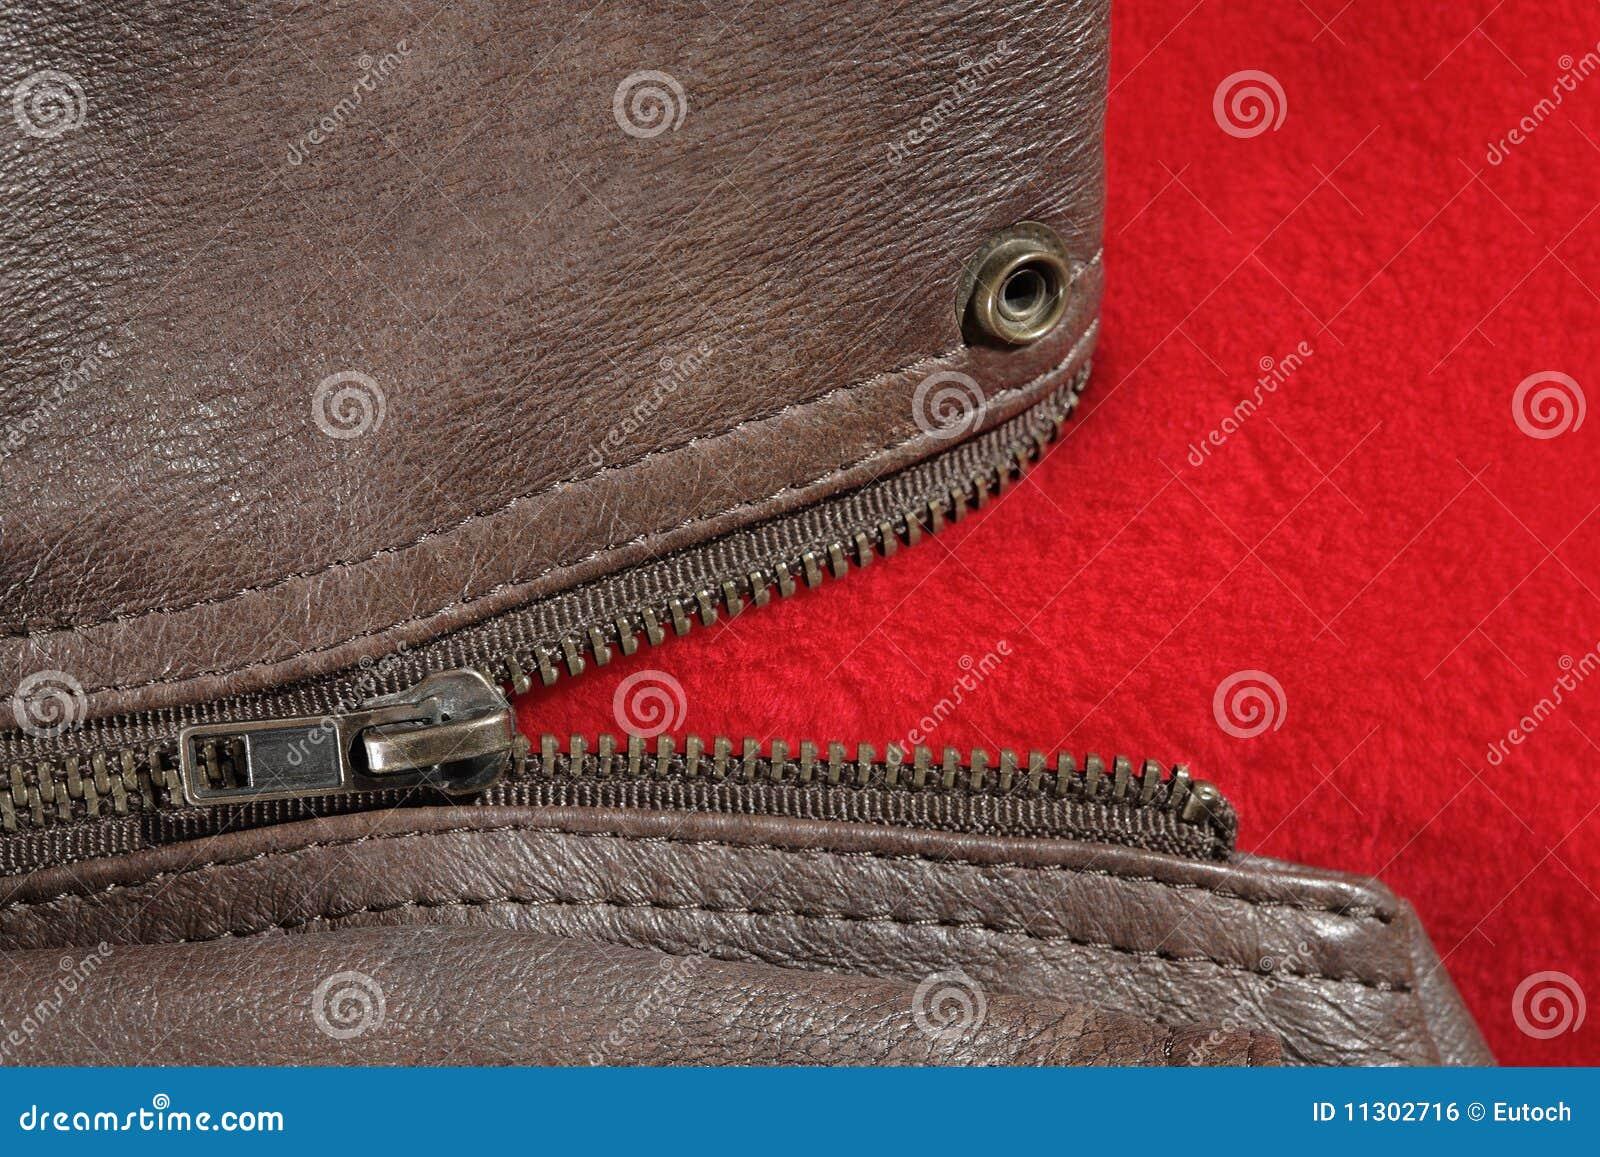 Fette und gefährliche Kleidung